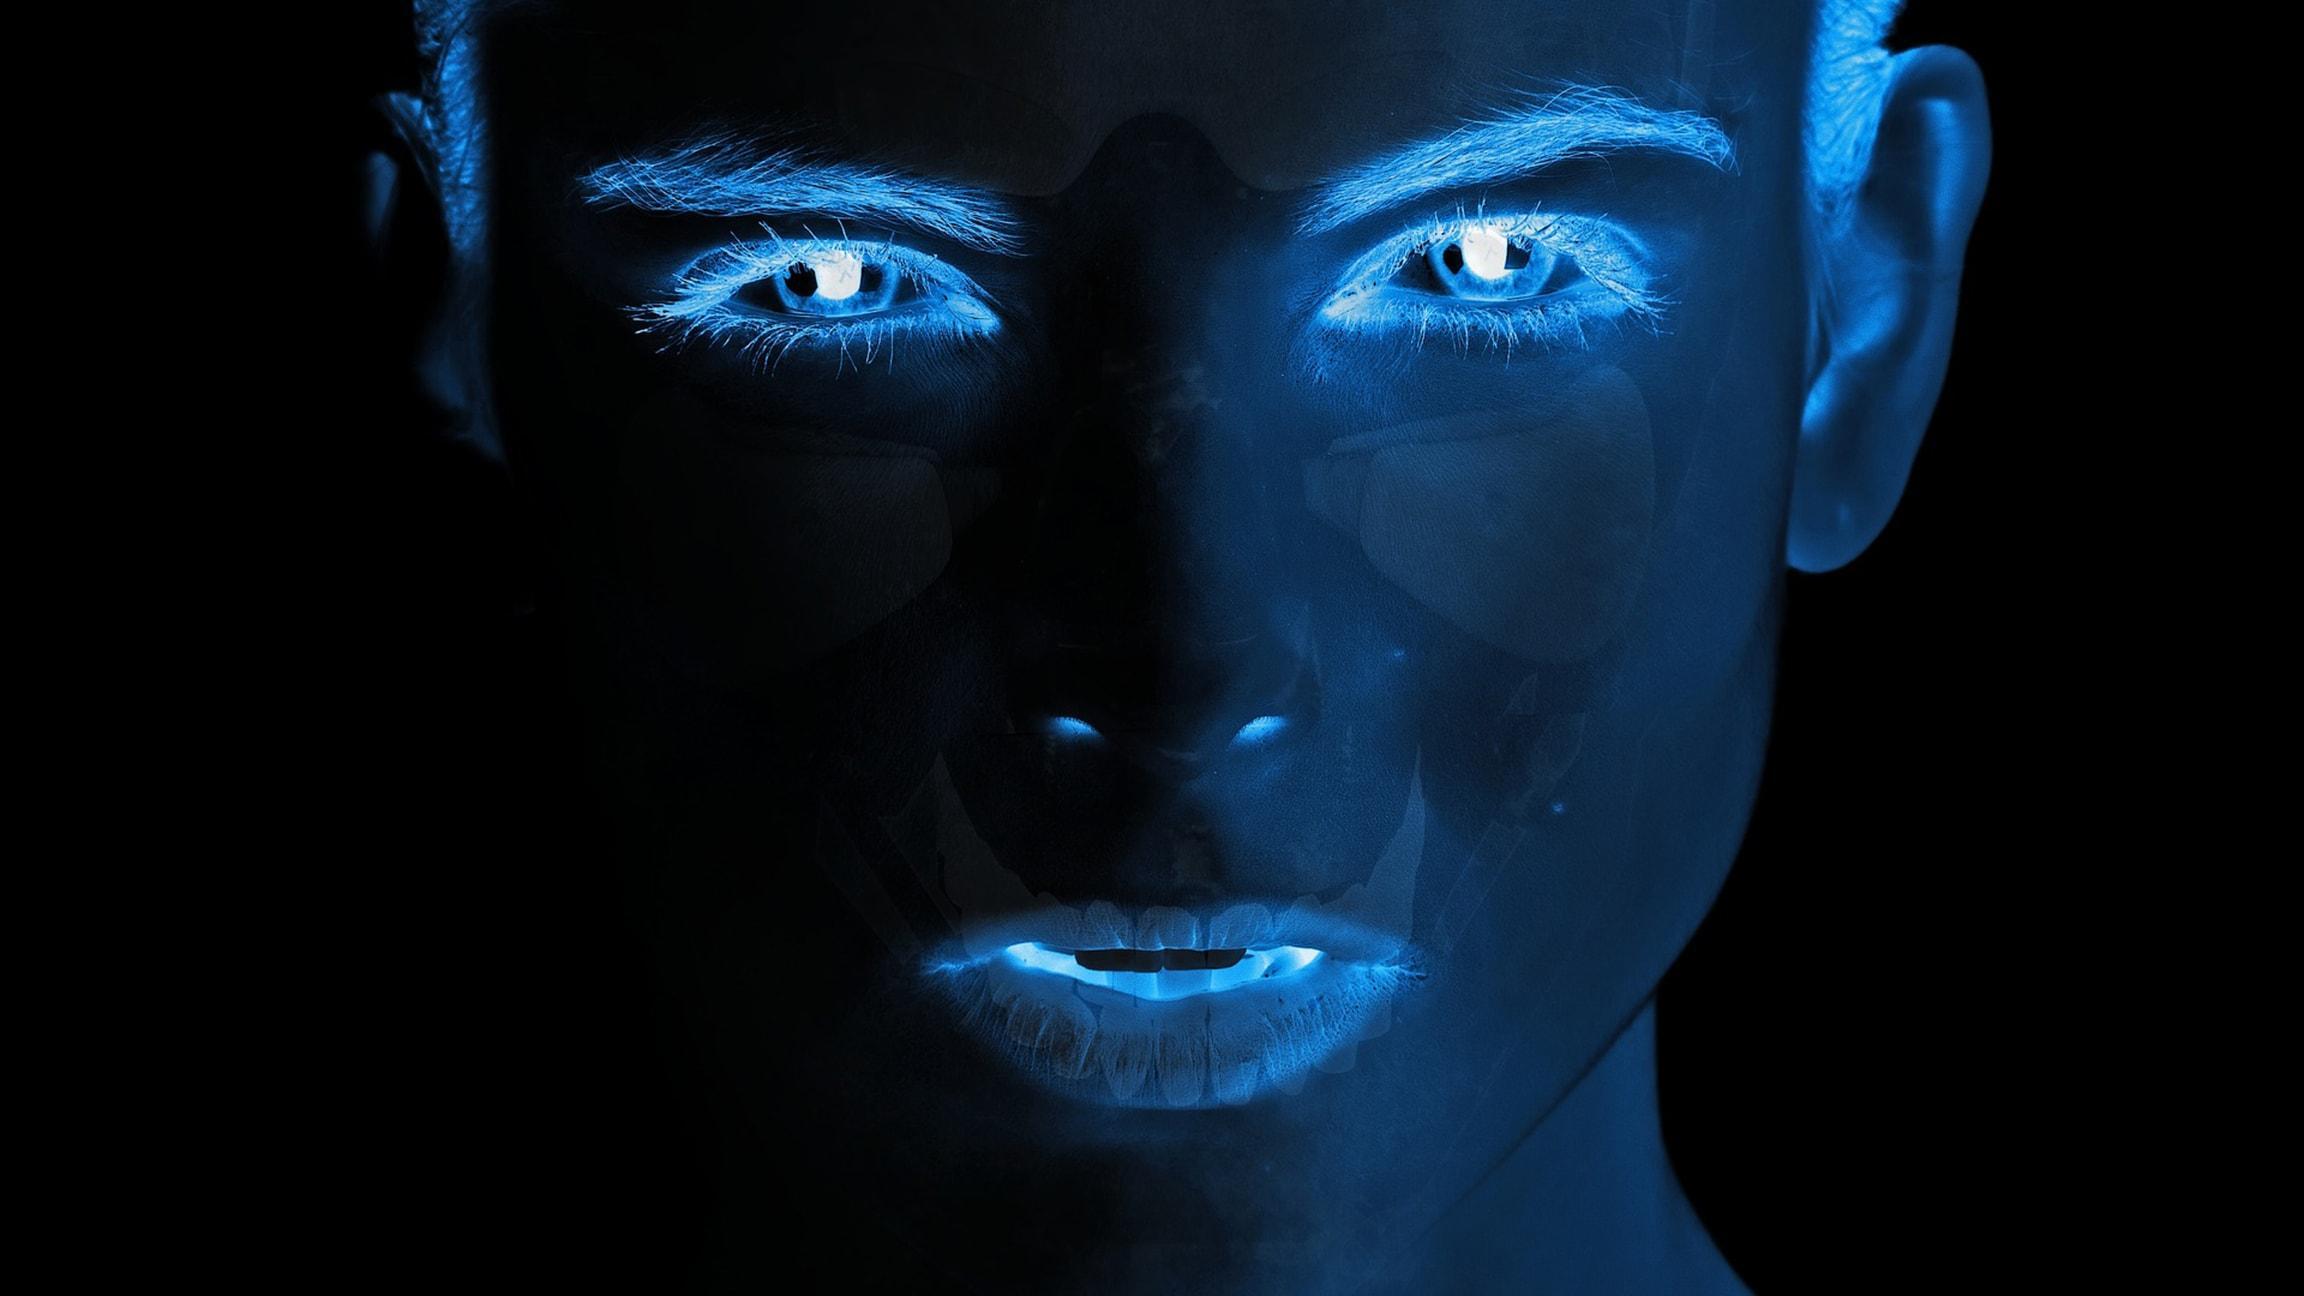 Искусственный интеллект определит личность по взгляду